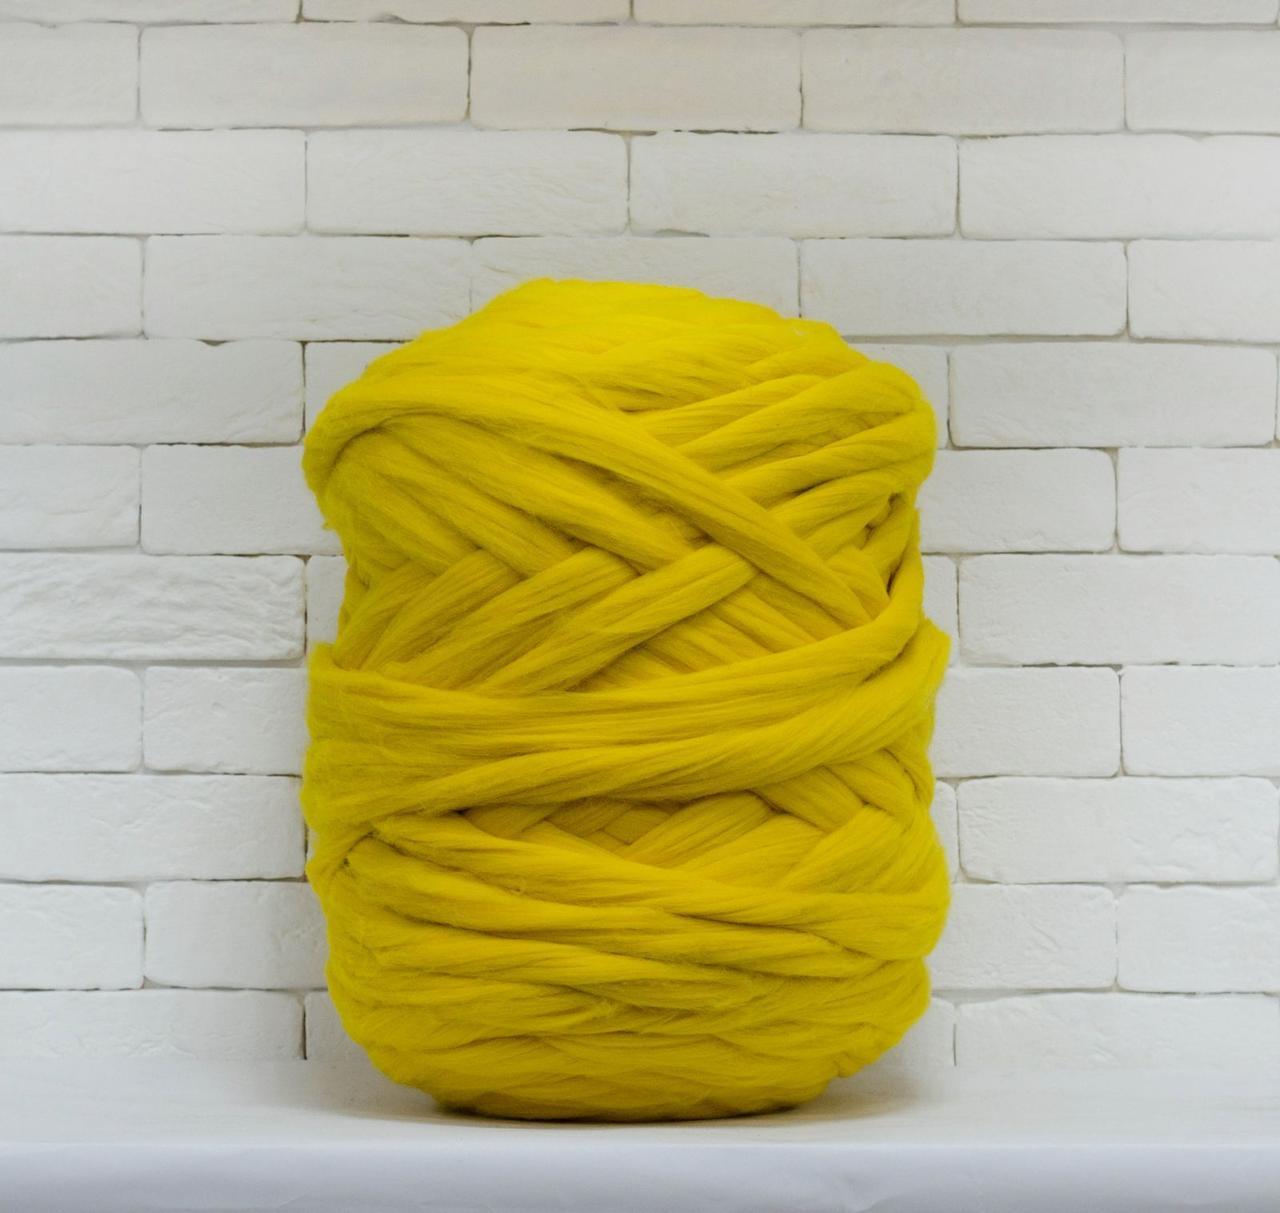 Толстая, крупная пряжа 100% шерсть 1кг (40м). 26 мкрн. Цвет: Лимон. Топс. Лента для пледов.